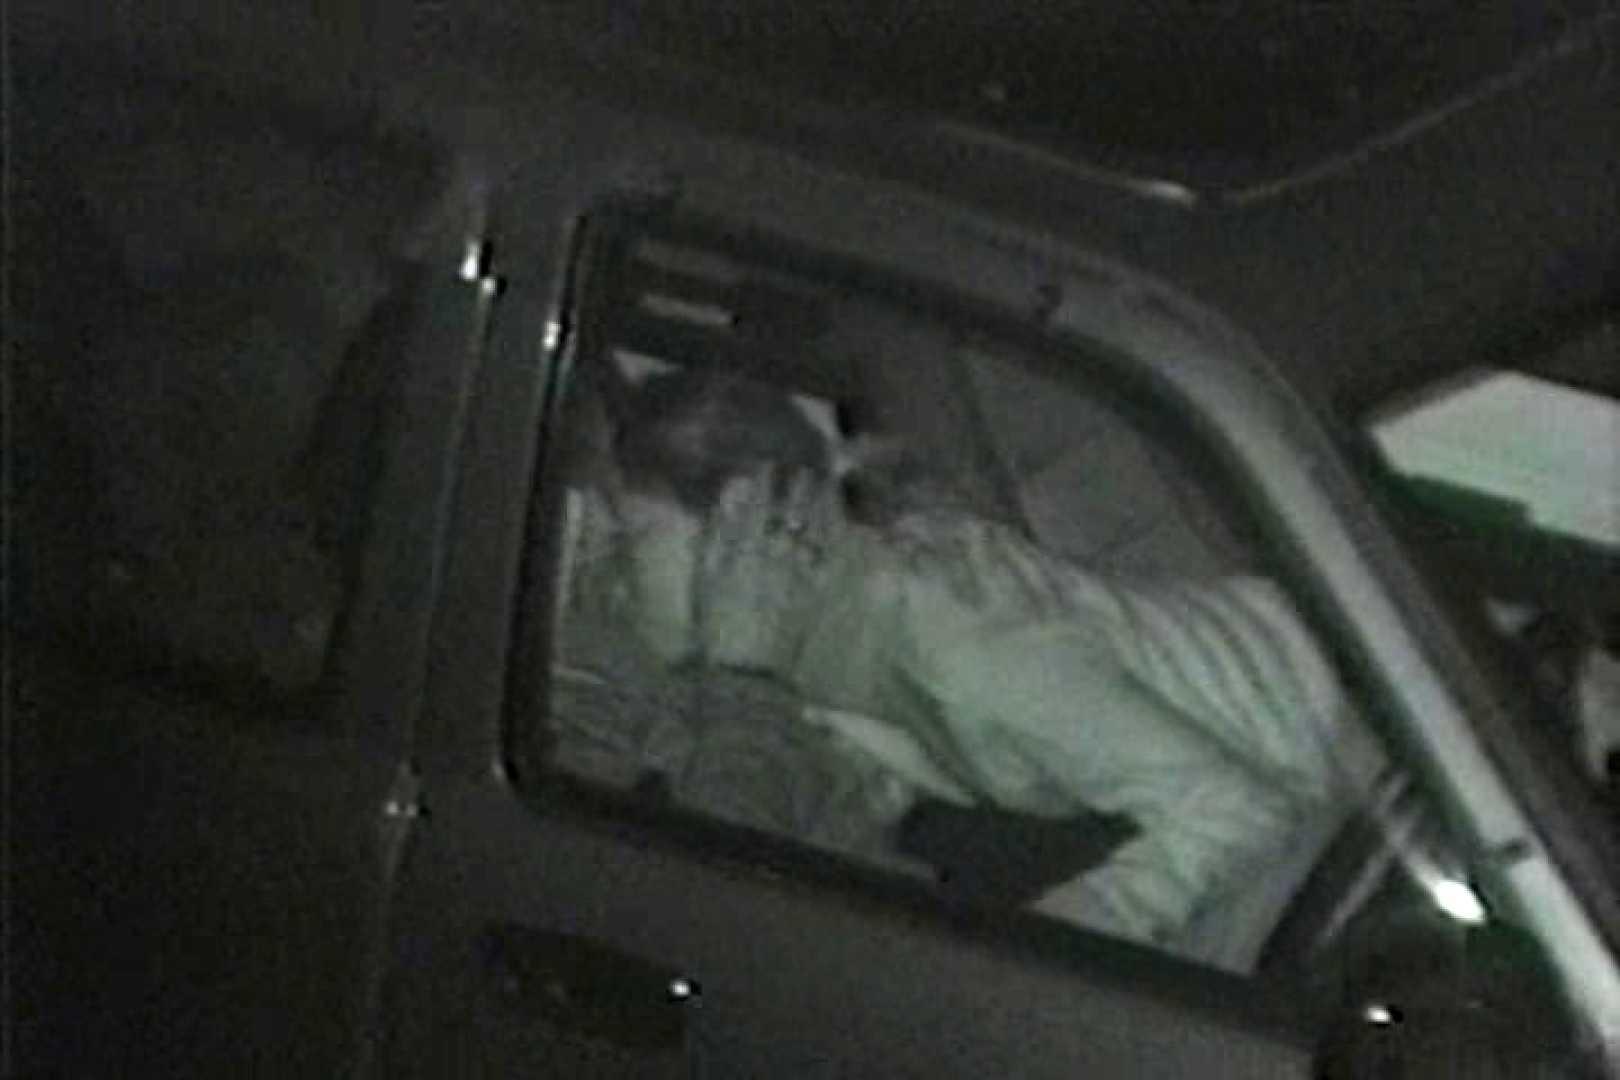 車の中はラブホテル 無修正版  Vol.7 ホテル隠し撮り セックス画像 84pic 37